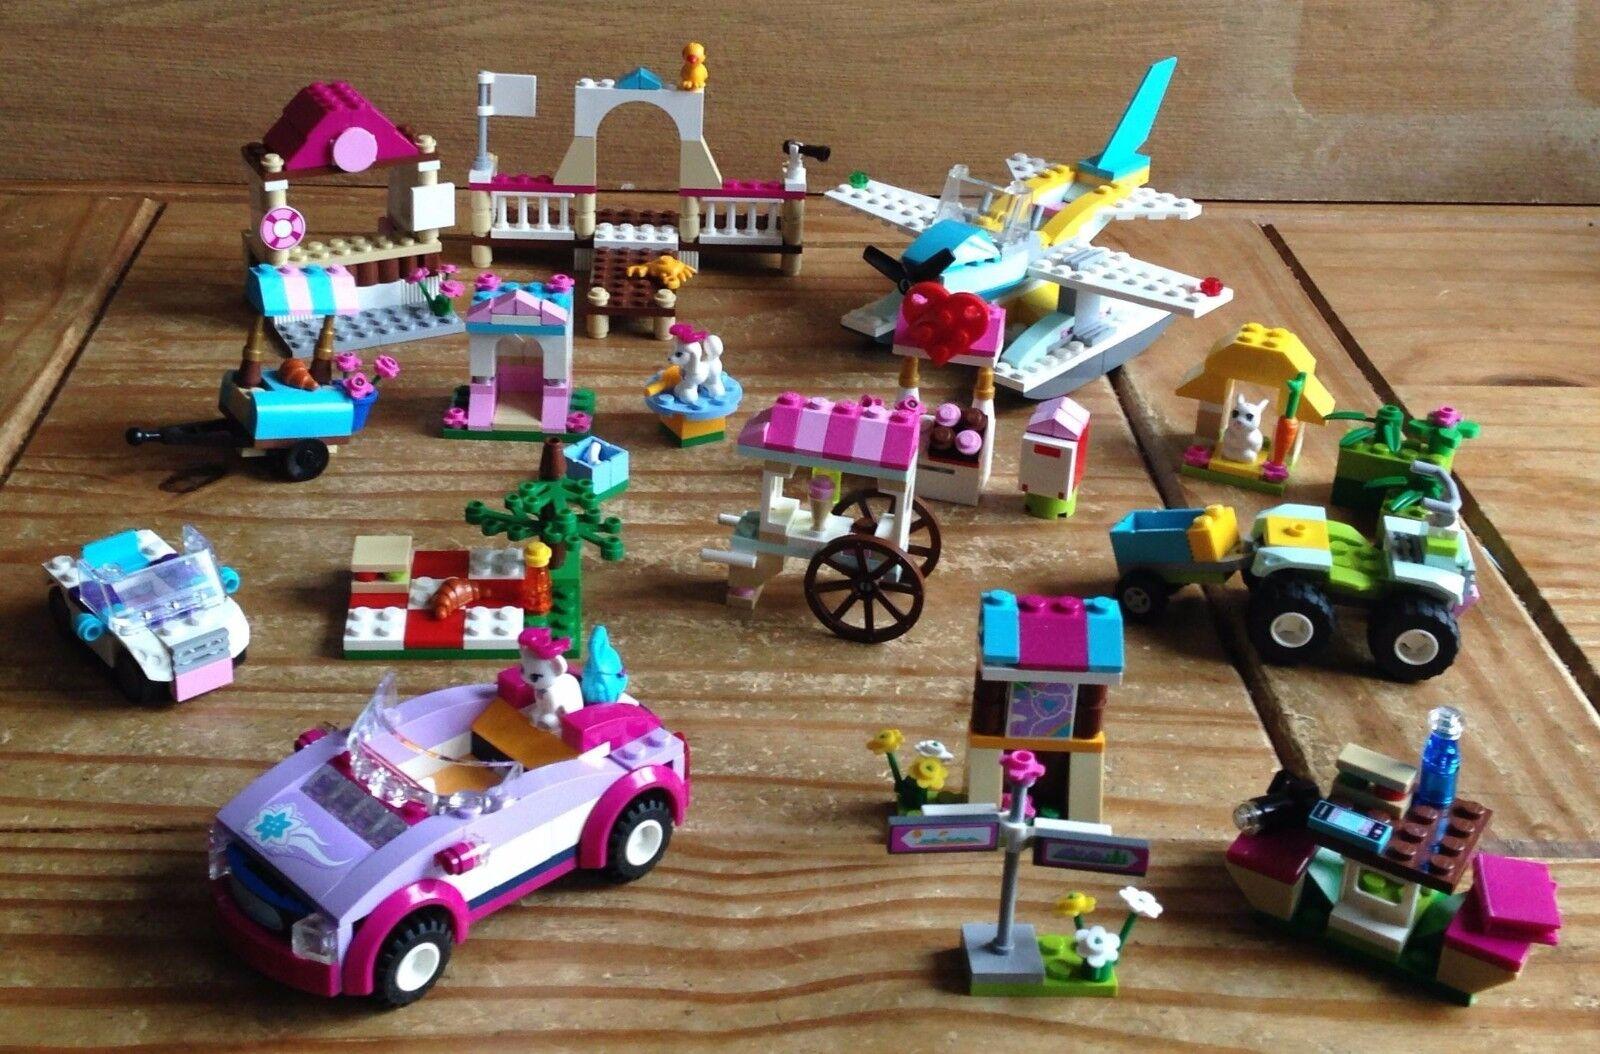 Lego Friends Bundle - PLEASE SEE MAIN DESCRIPTION